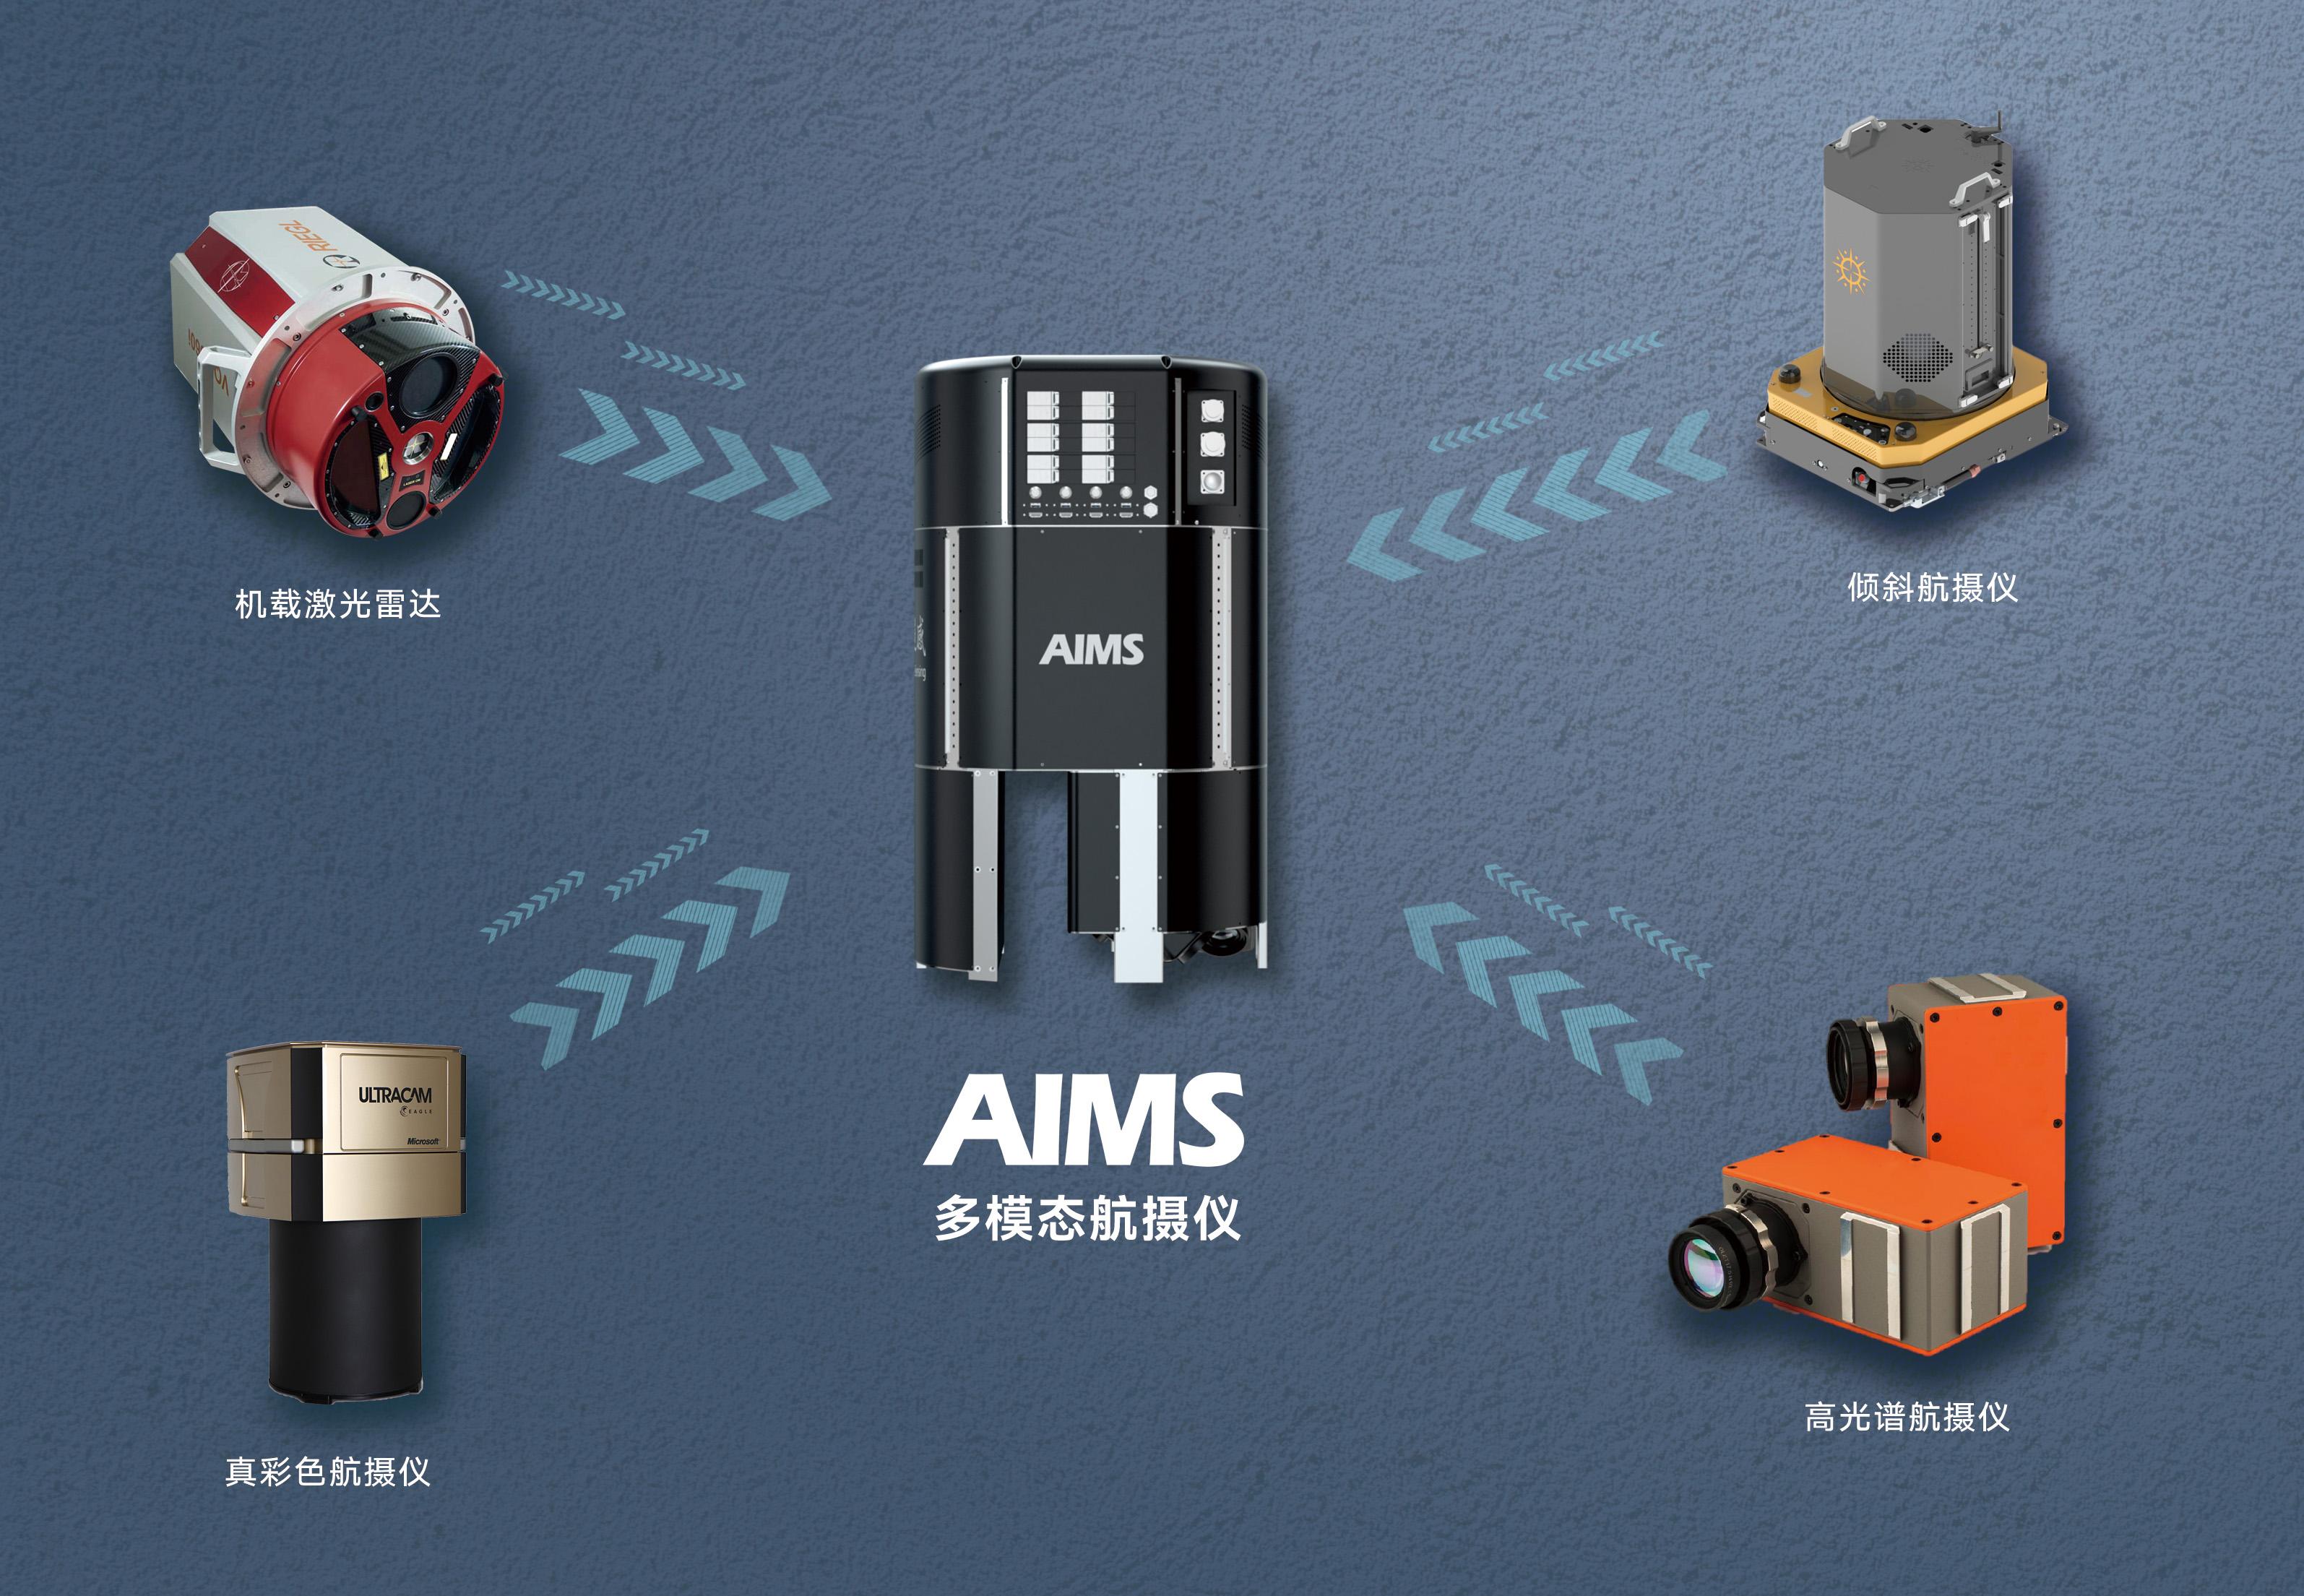 飞燕遥感自主研发的航空集成多传感器航摄仪AIMS